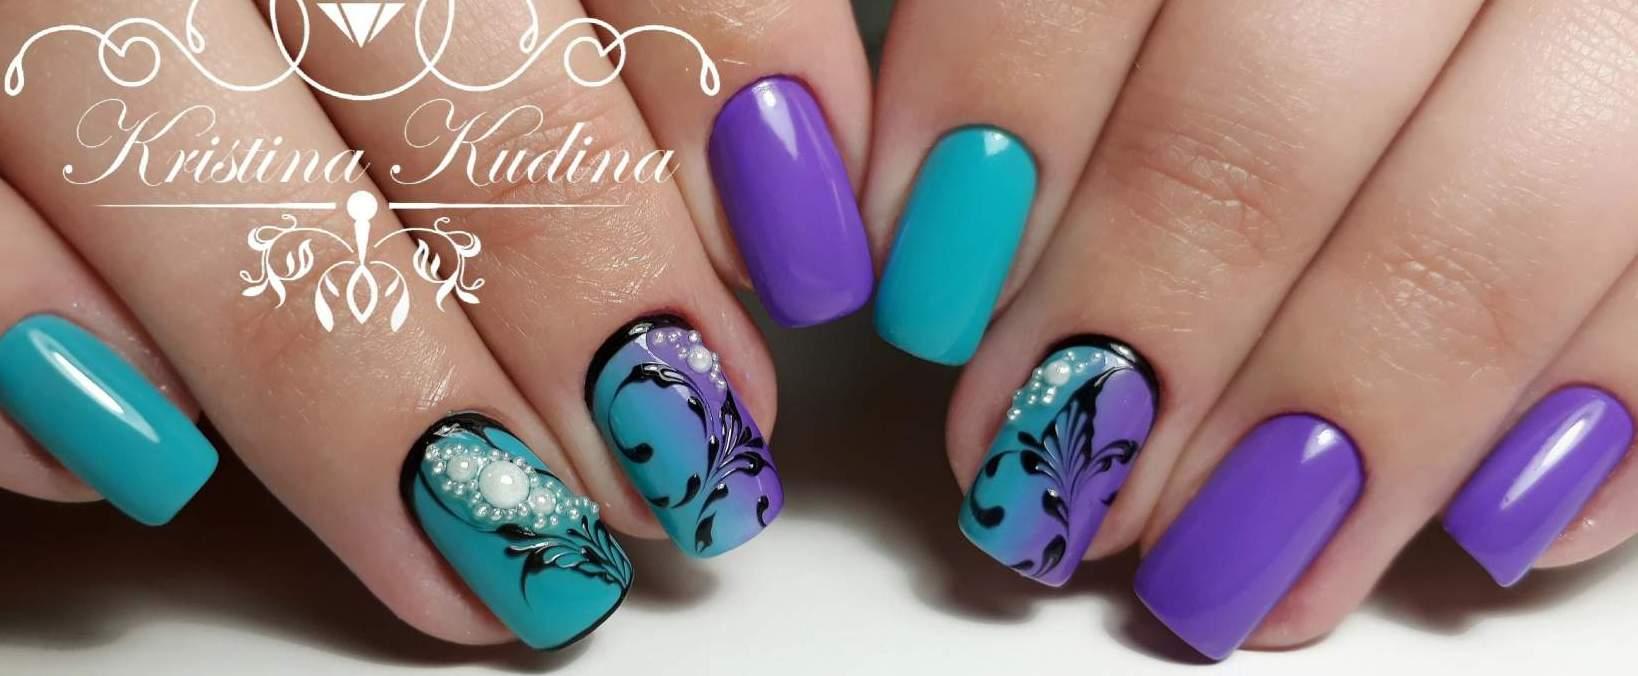 Рисунки на ногтях градиент фото гель лак